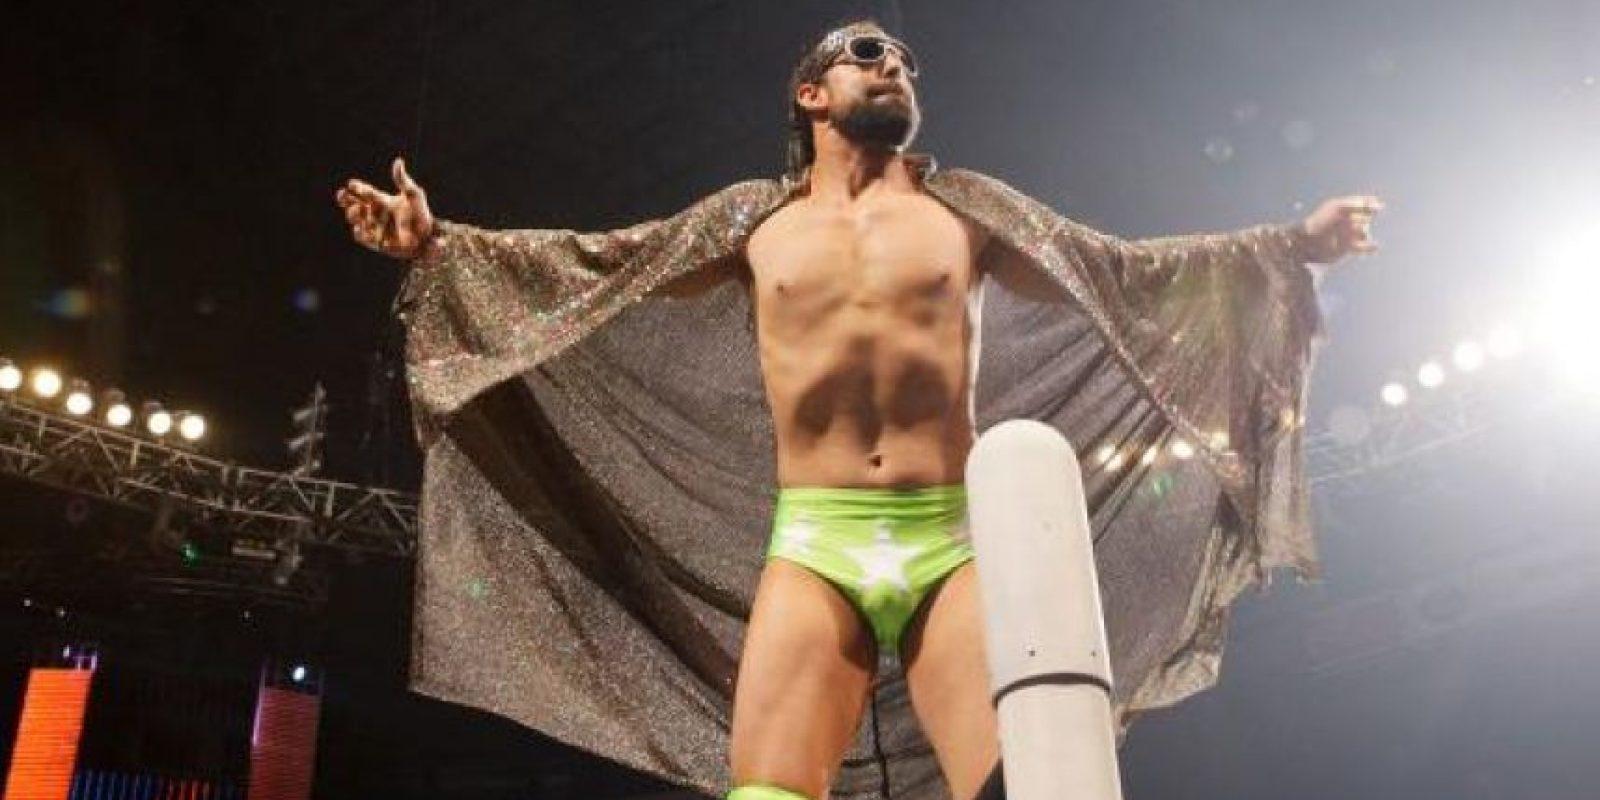 Ha protagonizado muchos papeles como Damien Mizdow y Macho Mandow, pero ninguno se ha consolidado Foto:WWE